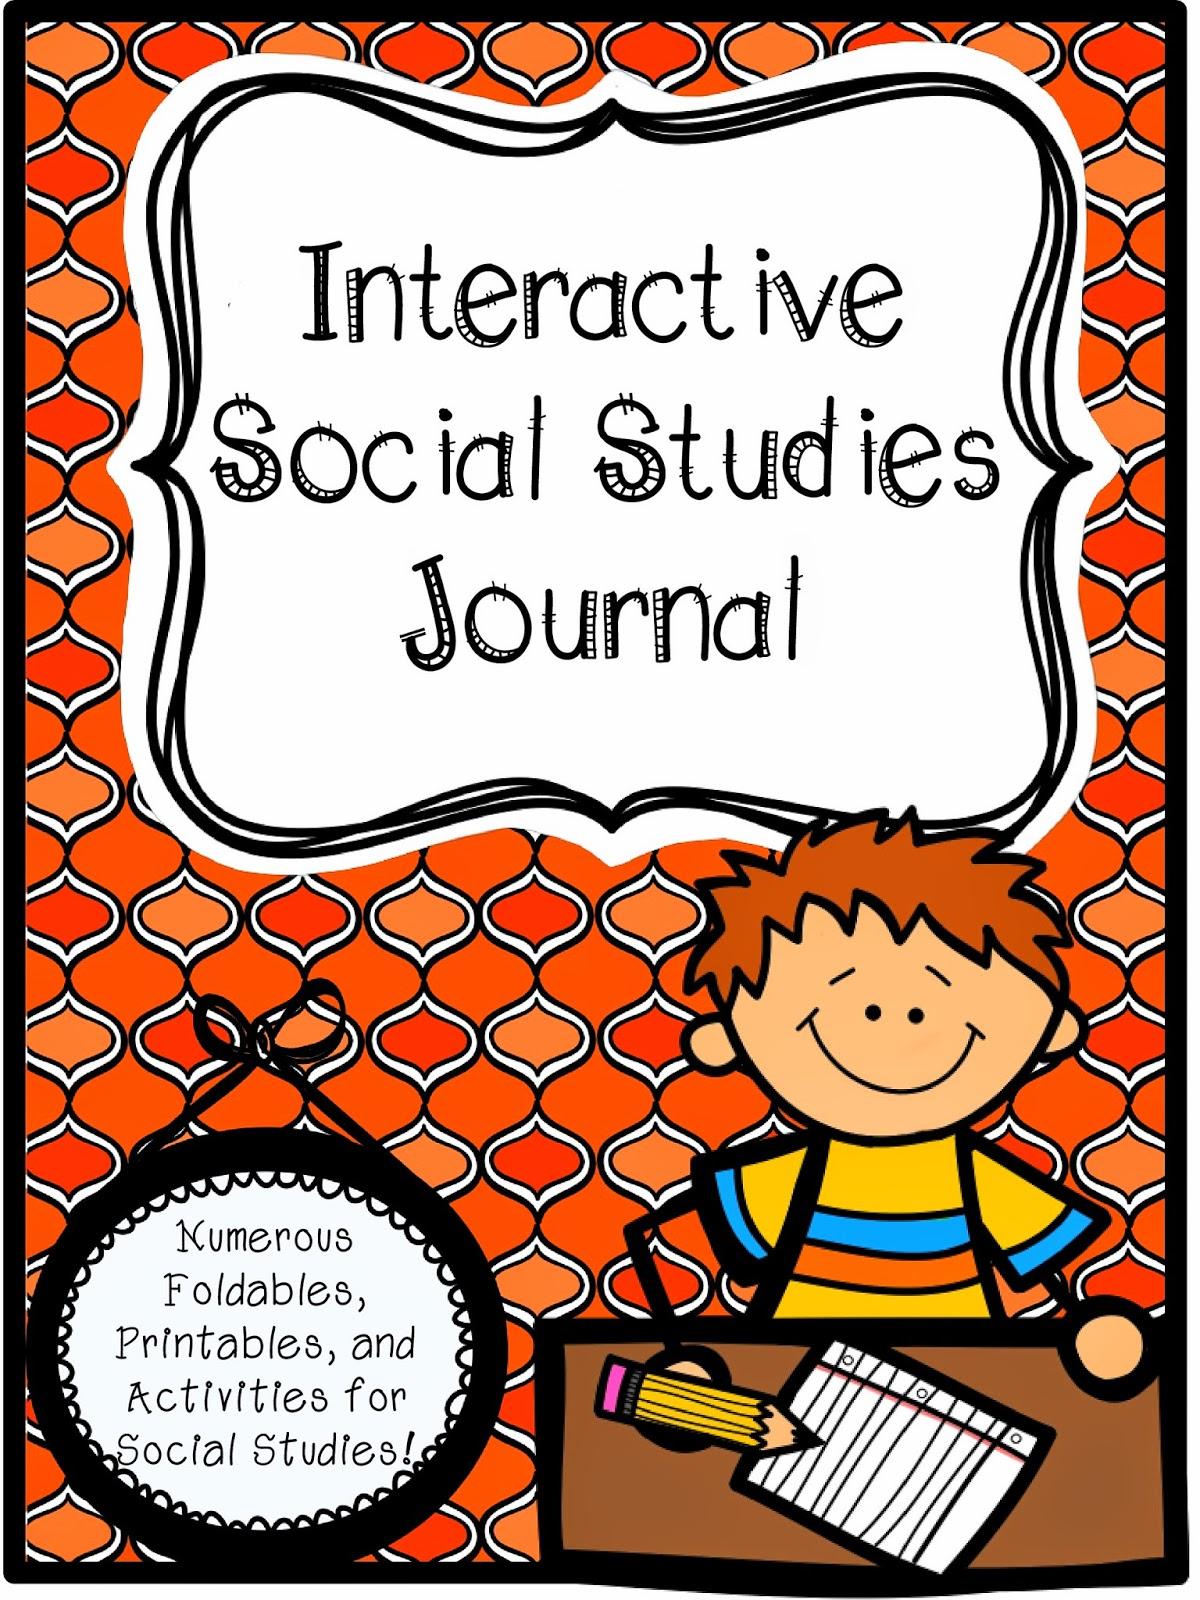 It is an image of Geeky Social Studies Printable